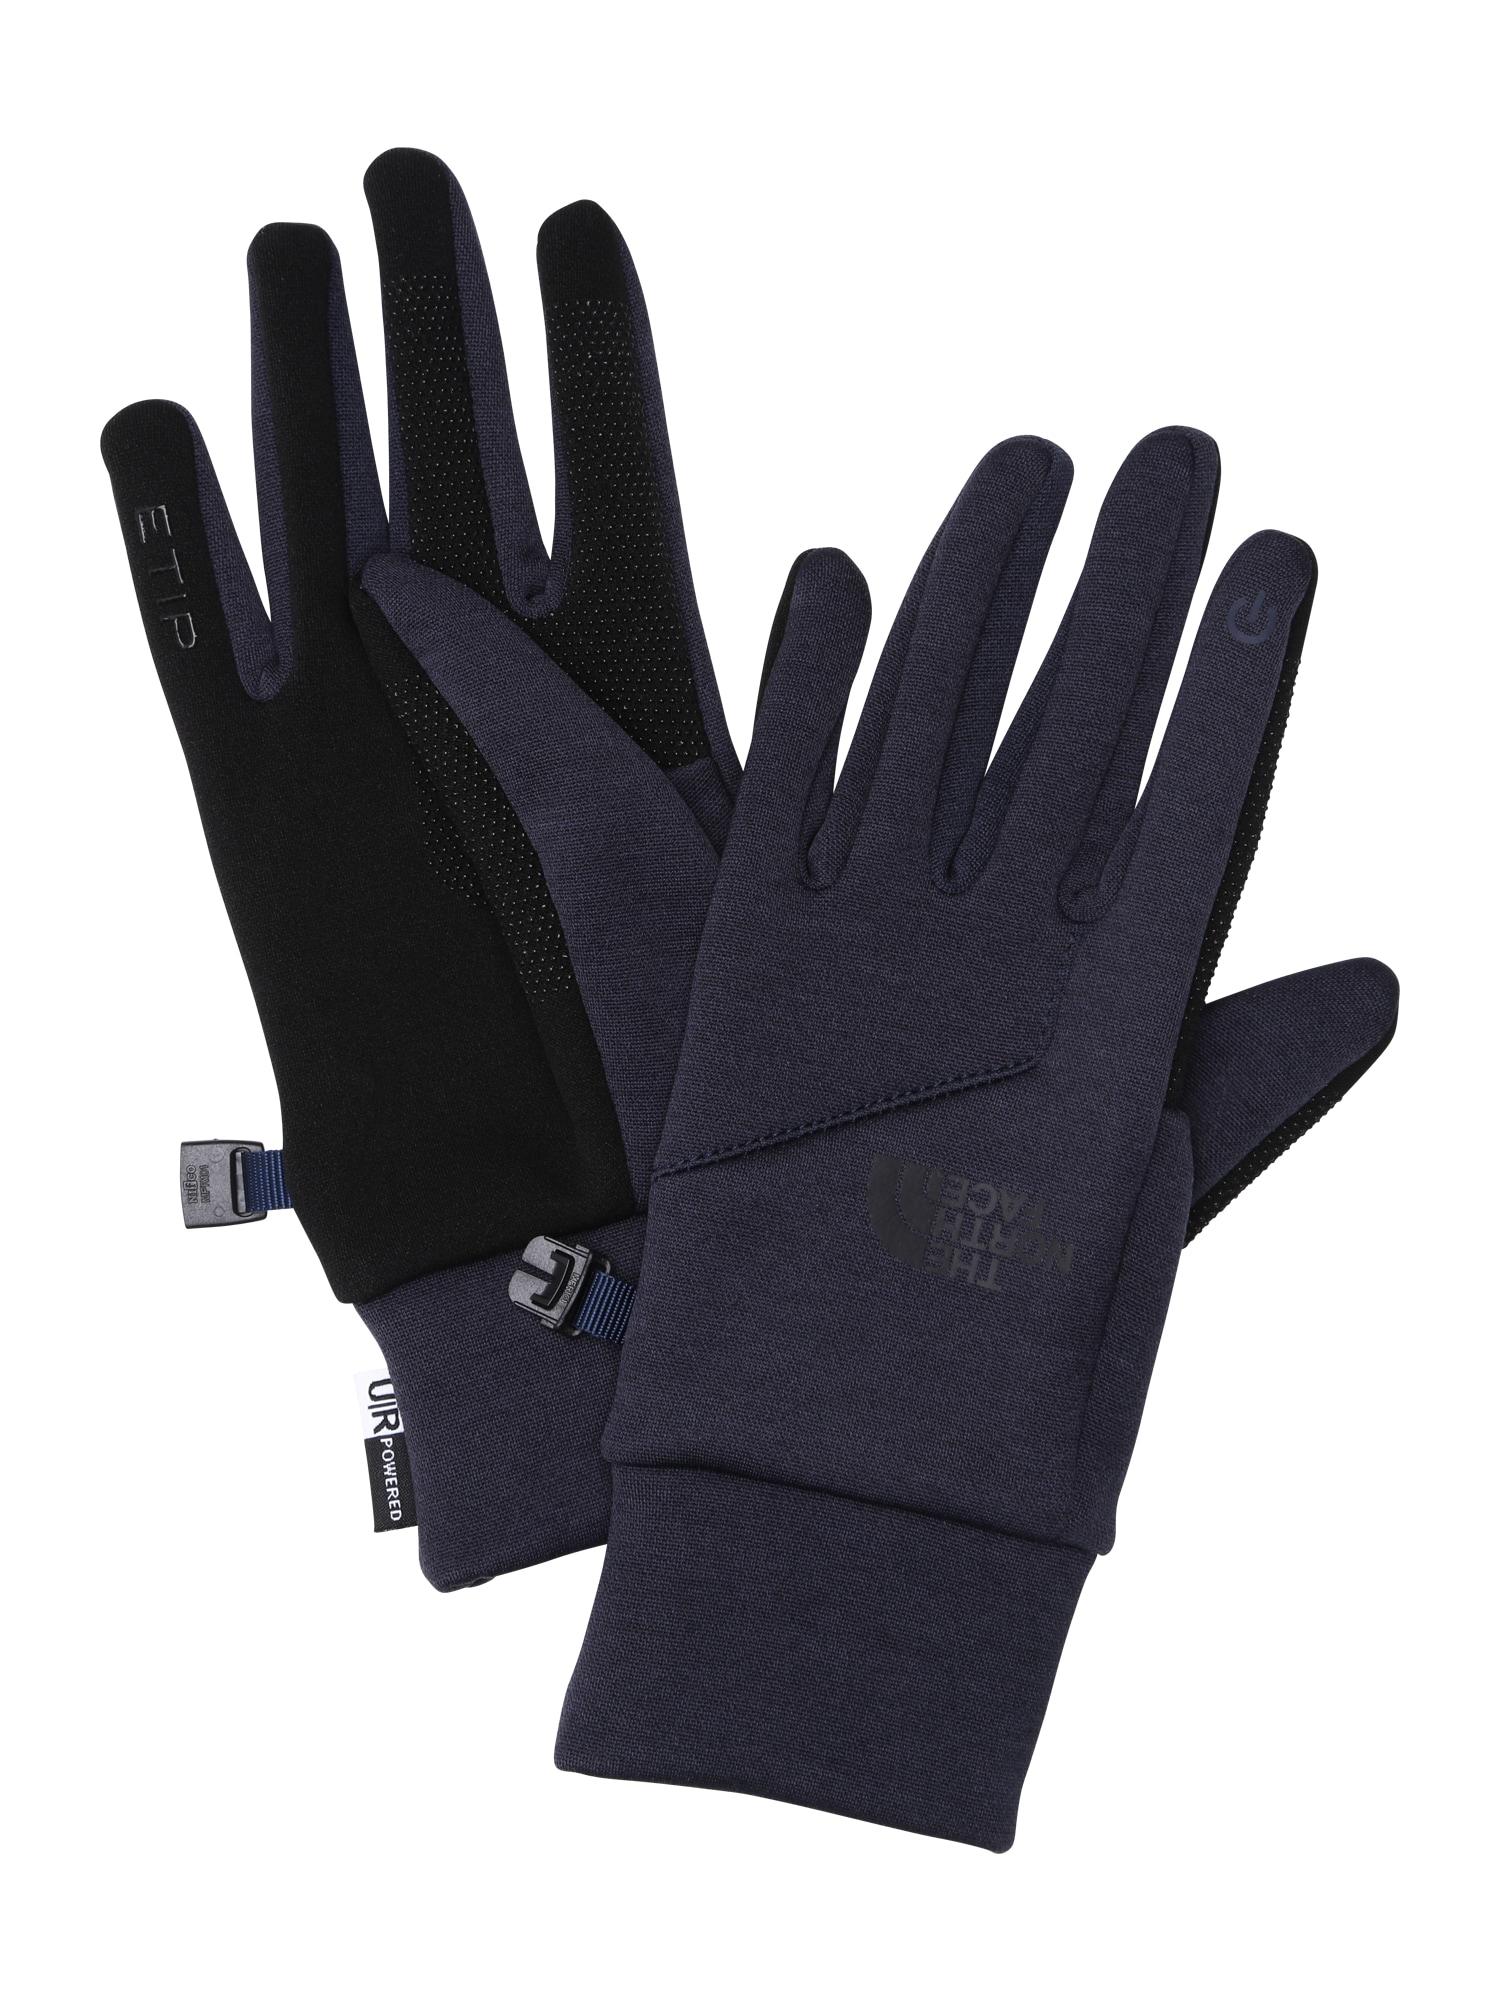 Sportovní rukavice Etip Glove námořnická modř THE NORTH FACE